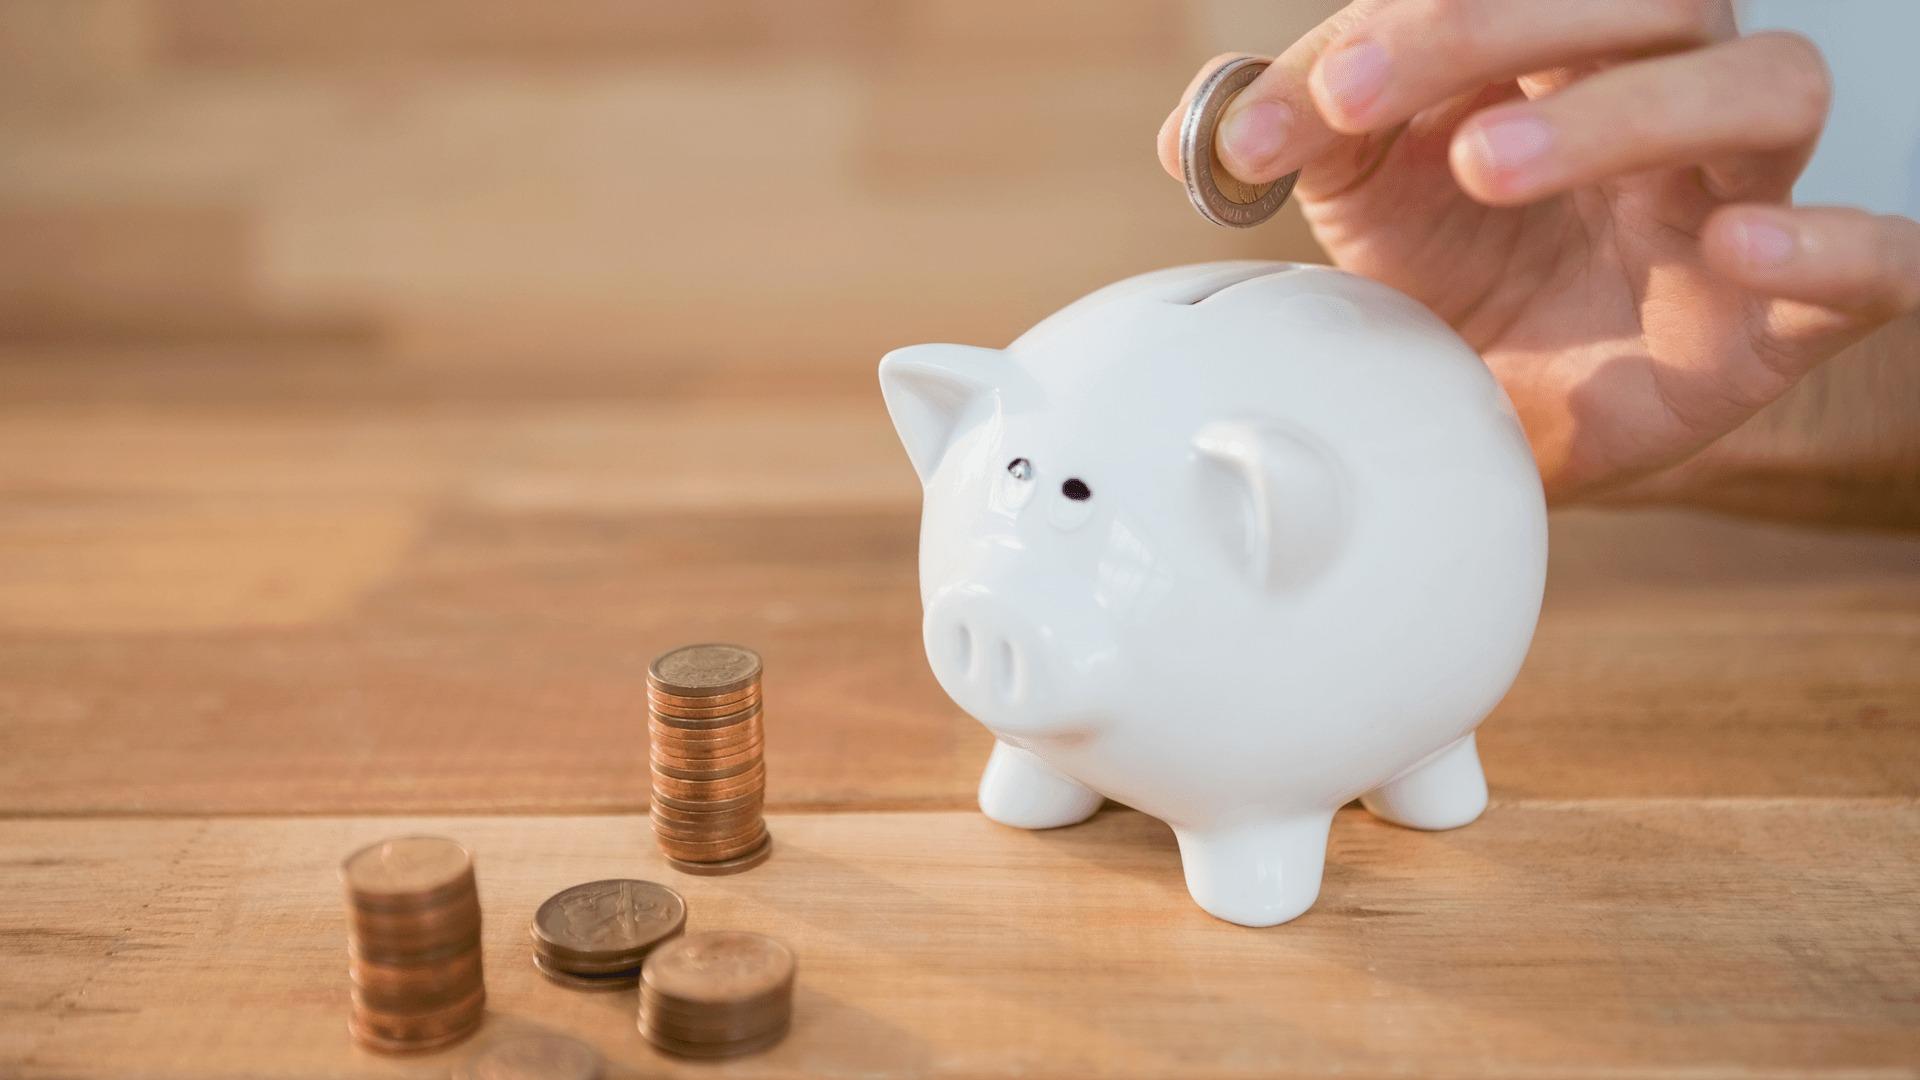 """Đầu tư nhất định phải biết đến """"quy tắc chi tiêu 1%"""" mà ngay cả các triệu phú cũng đang áp dụng - Ảnh 3."""